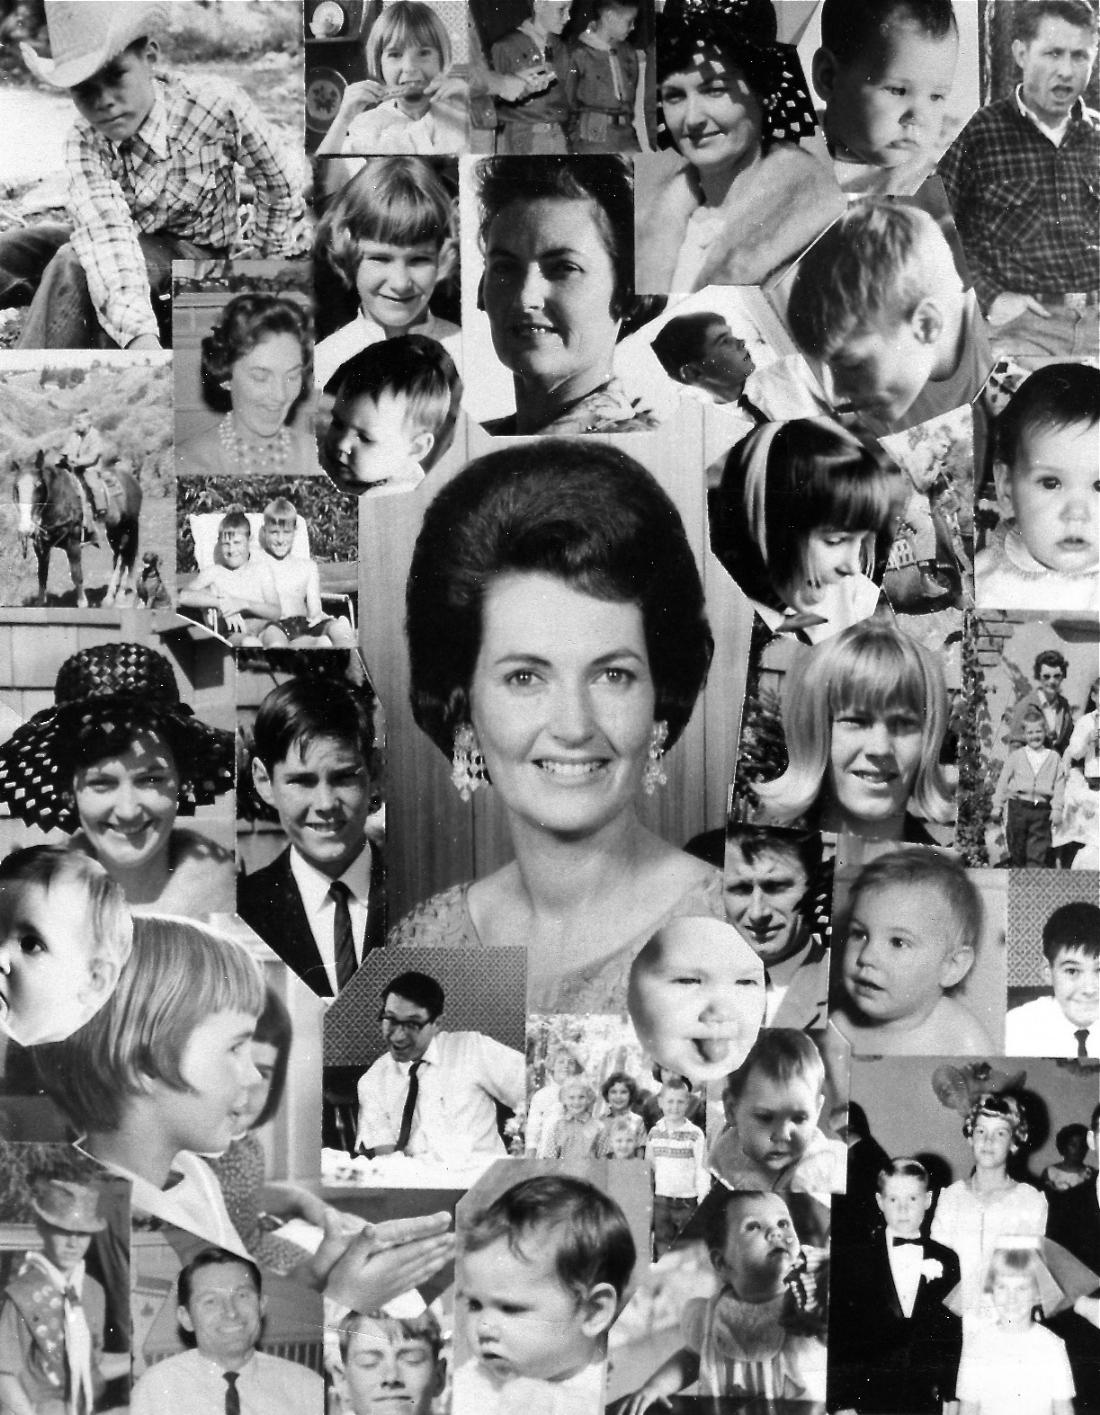 Lorraine Ellen Hansen - Matriarch of the Family